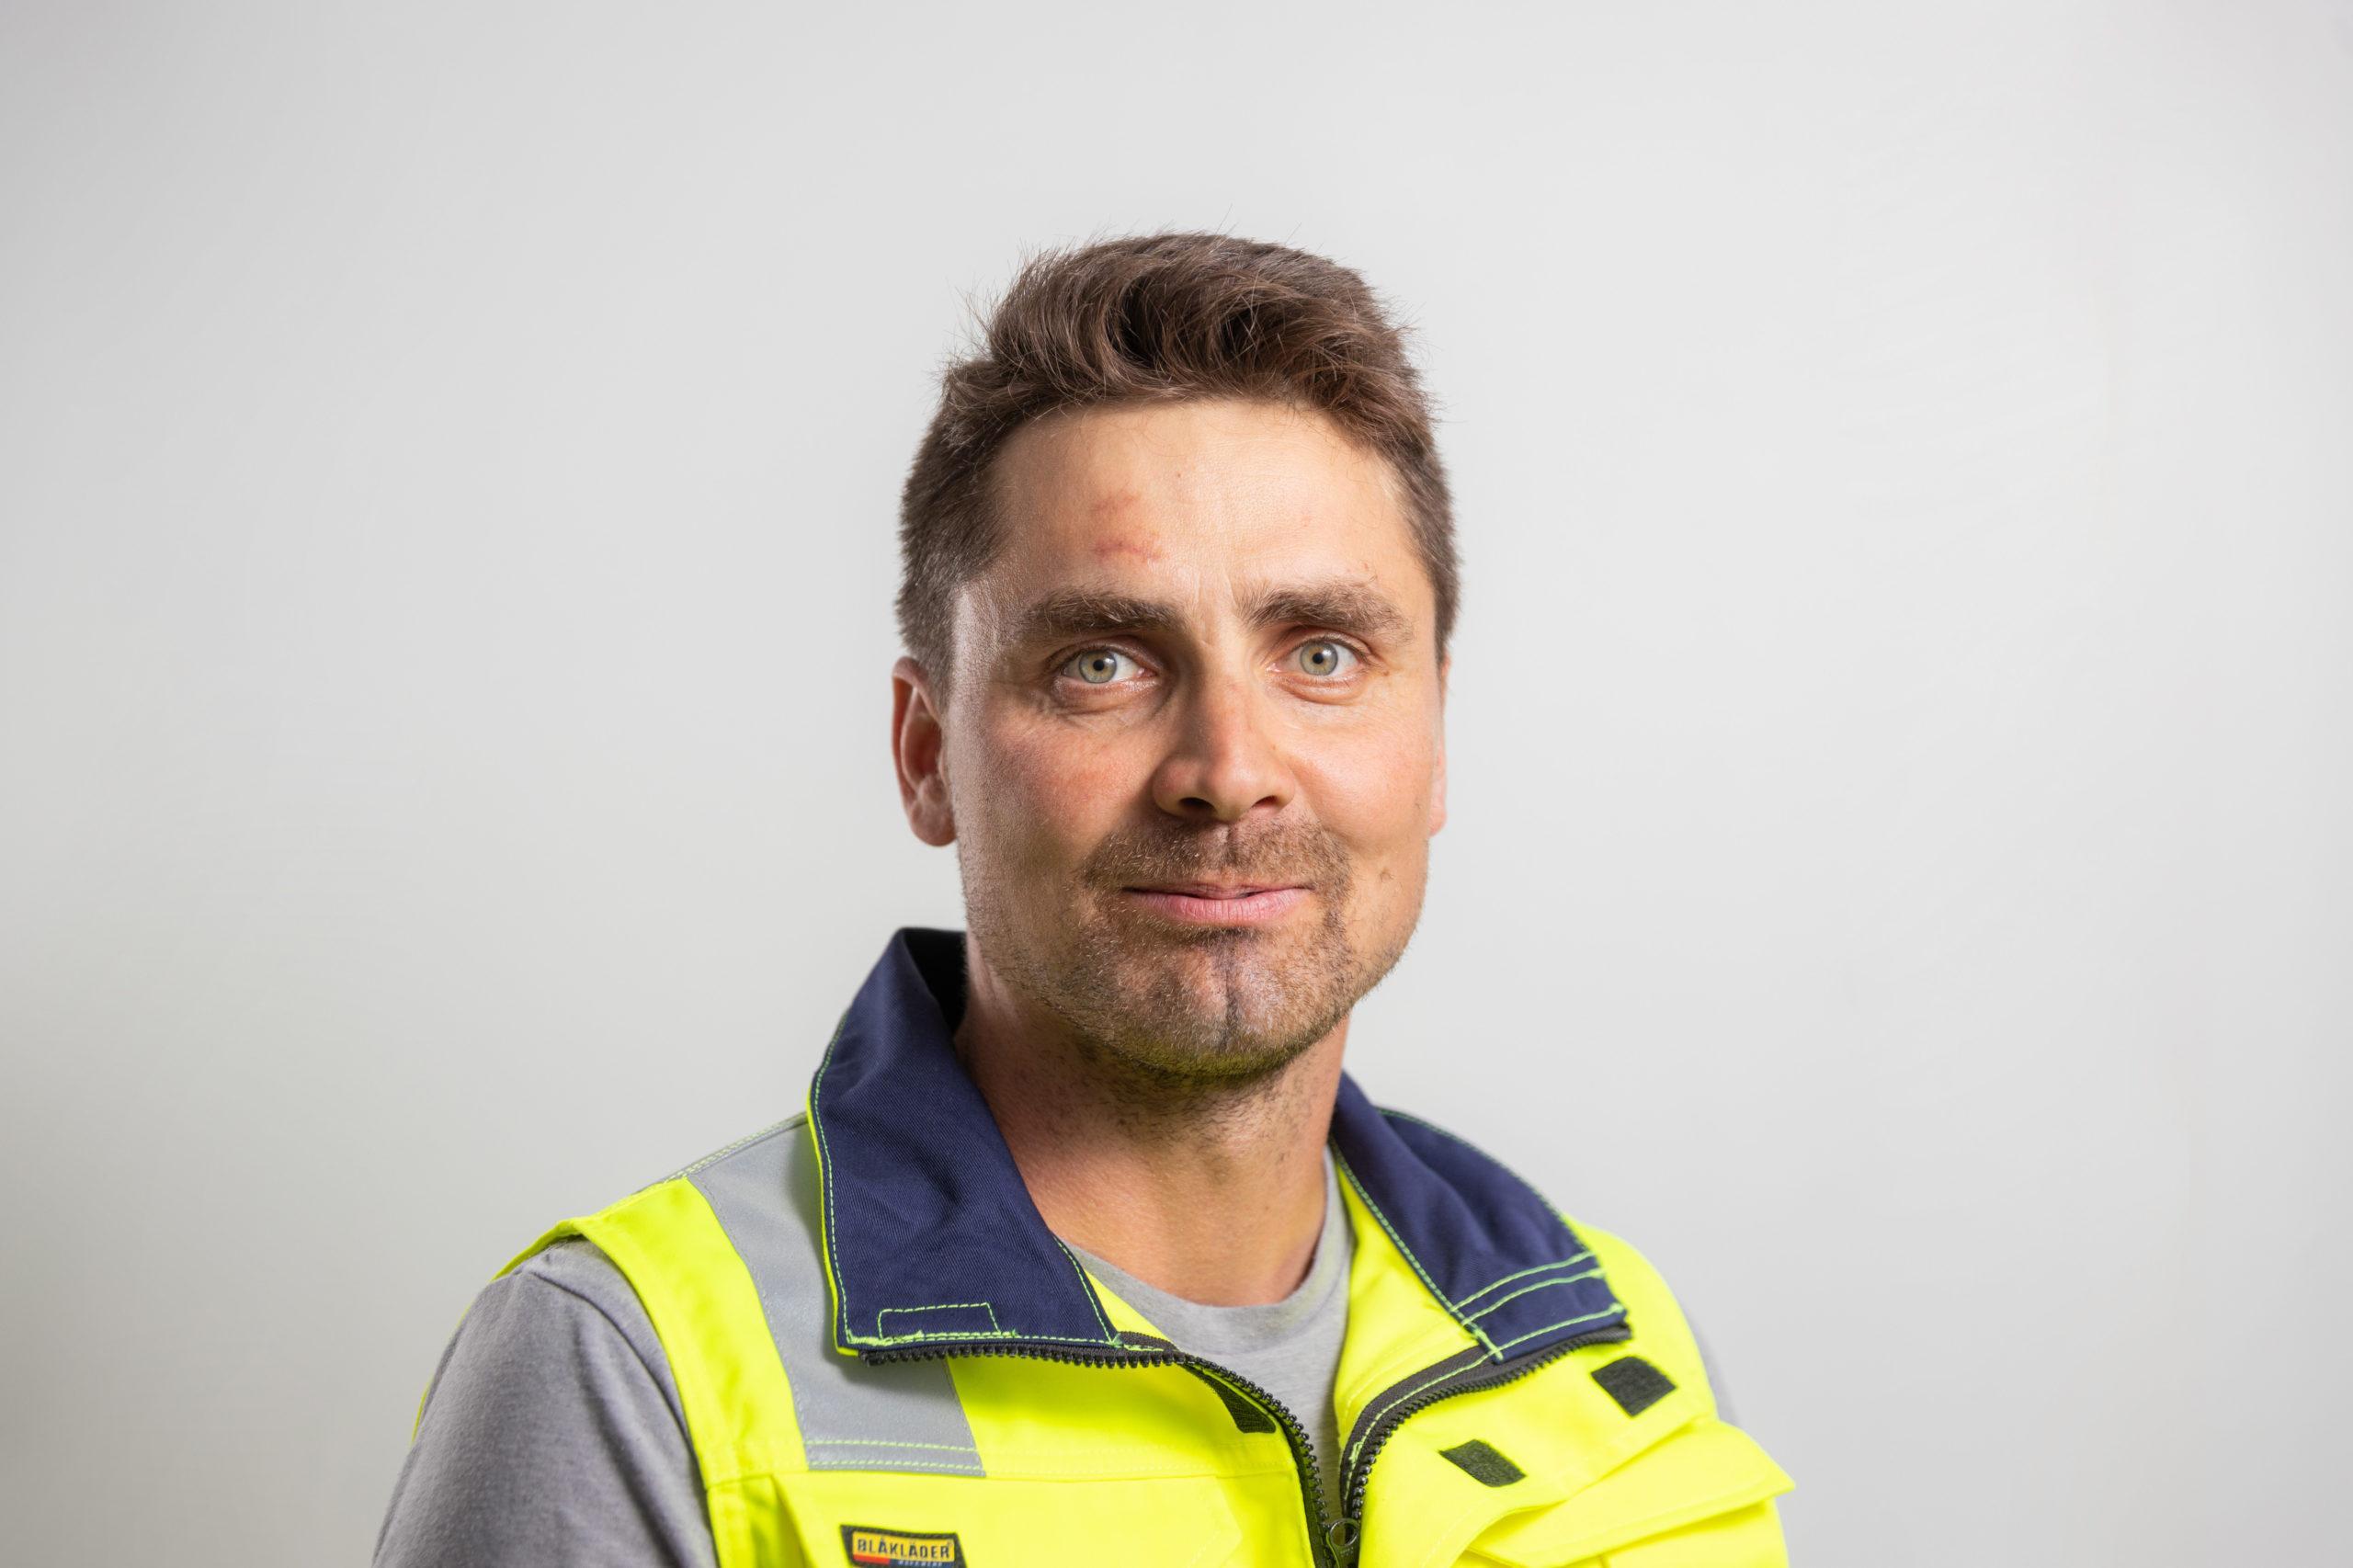 Tuomas Markkanen